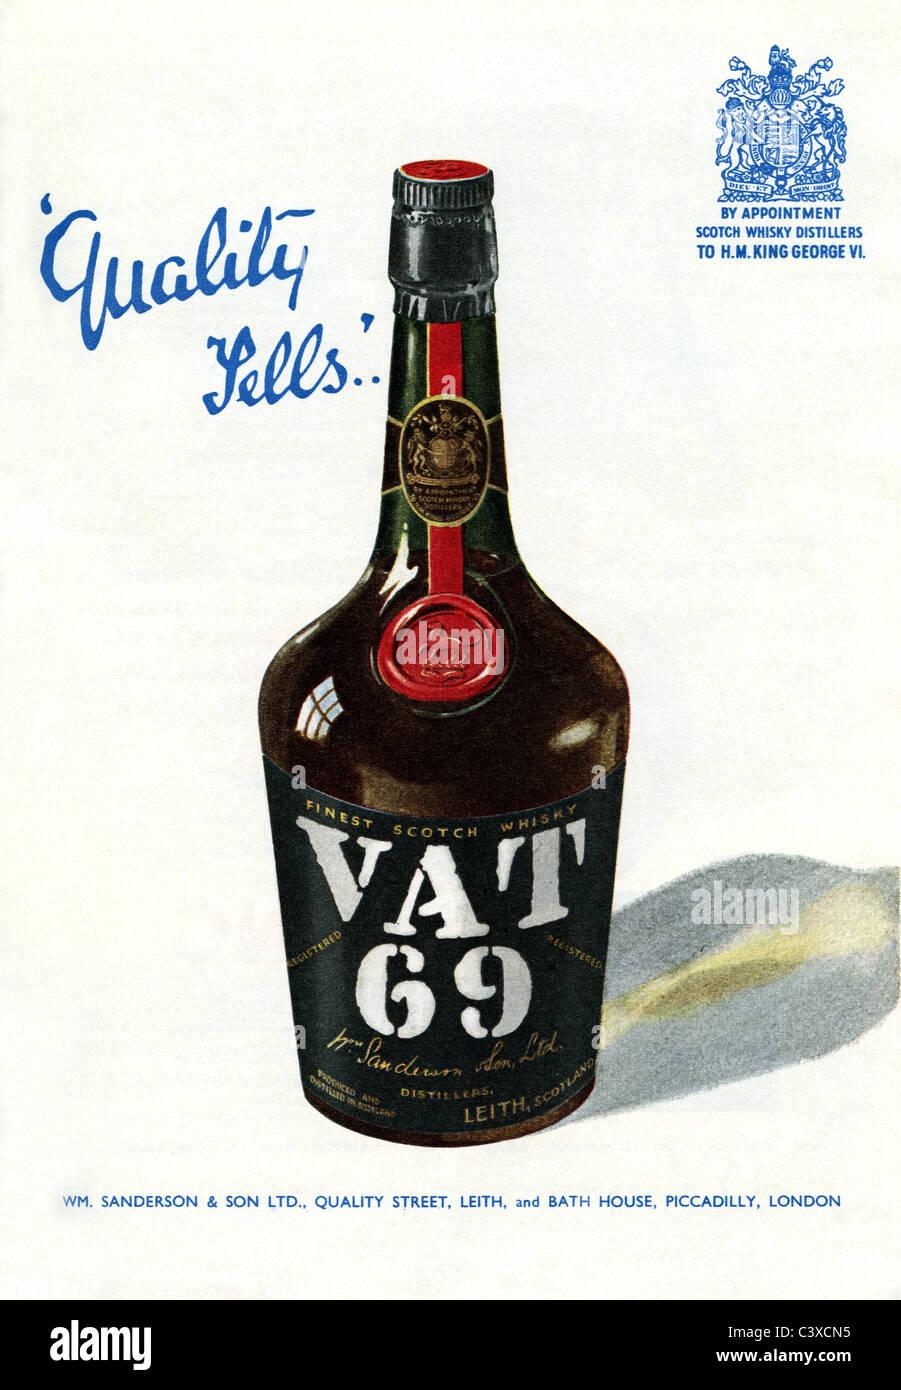 Publicité pour la TVA 69, de la Festival de Grande-Bretagne guide, publié par HMSO. Londres, Royaume-Uni, 1951 Banque D'Images